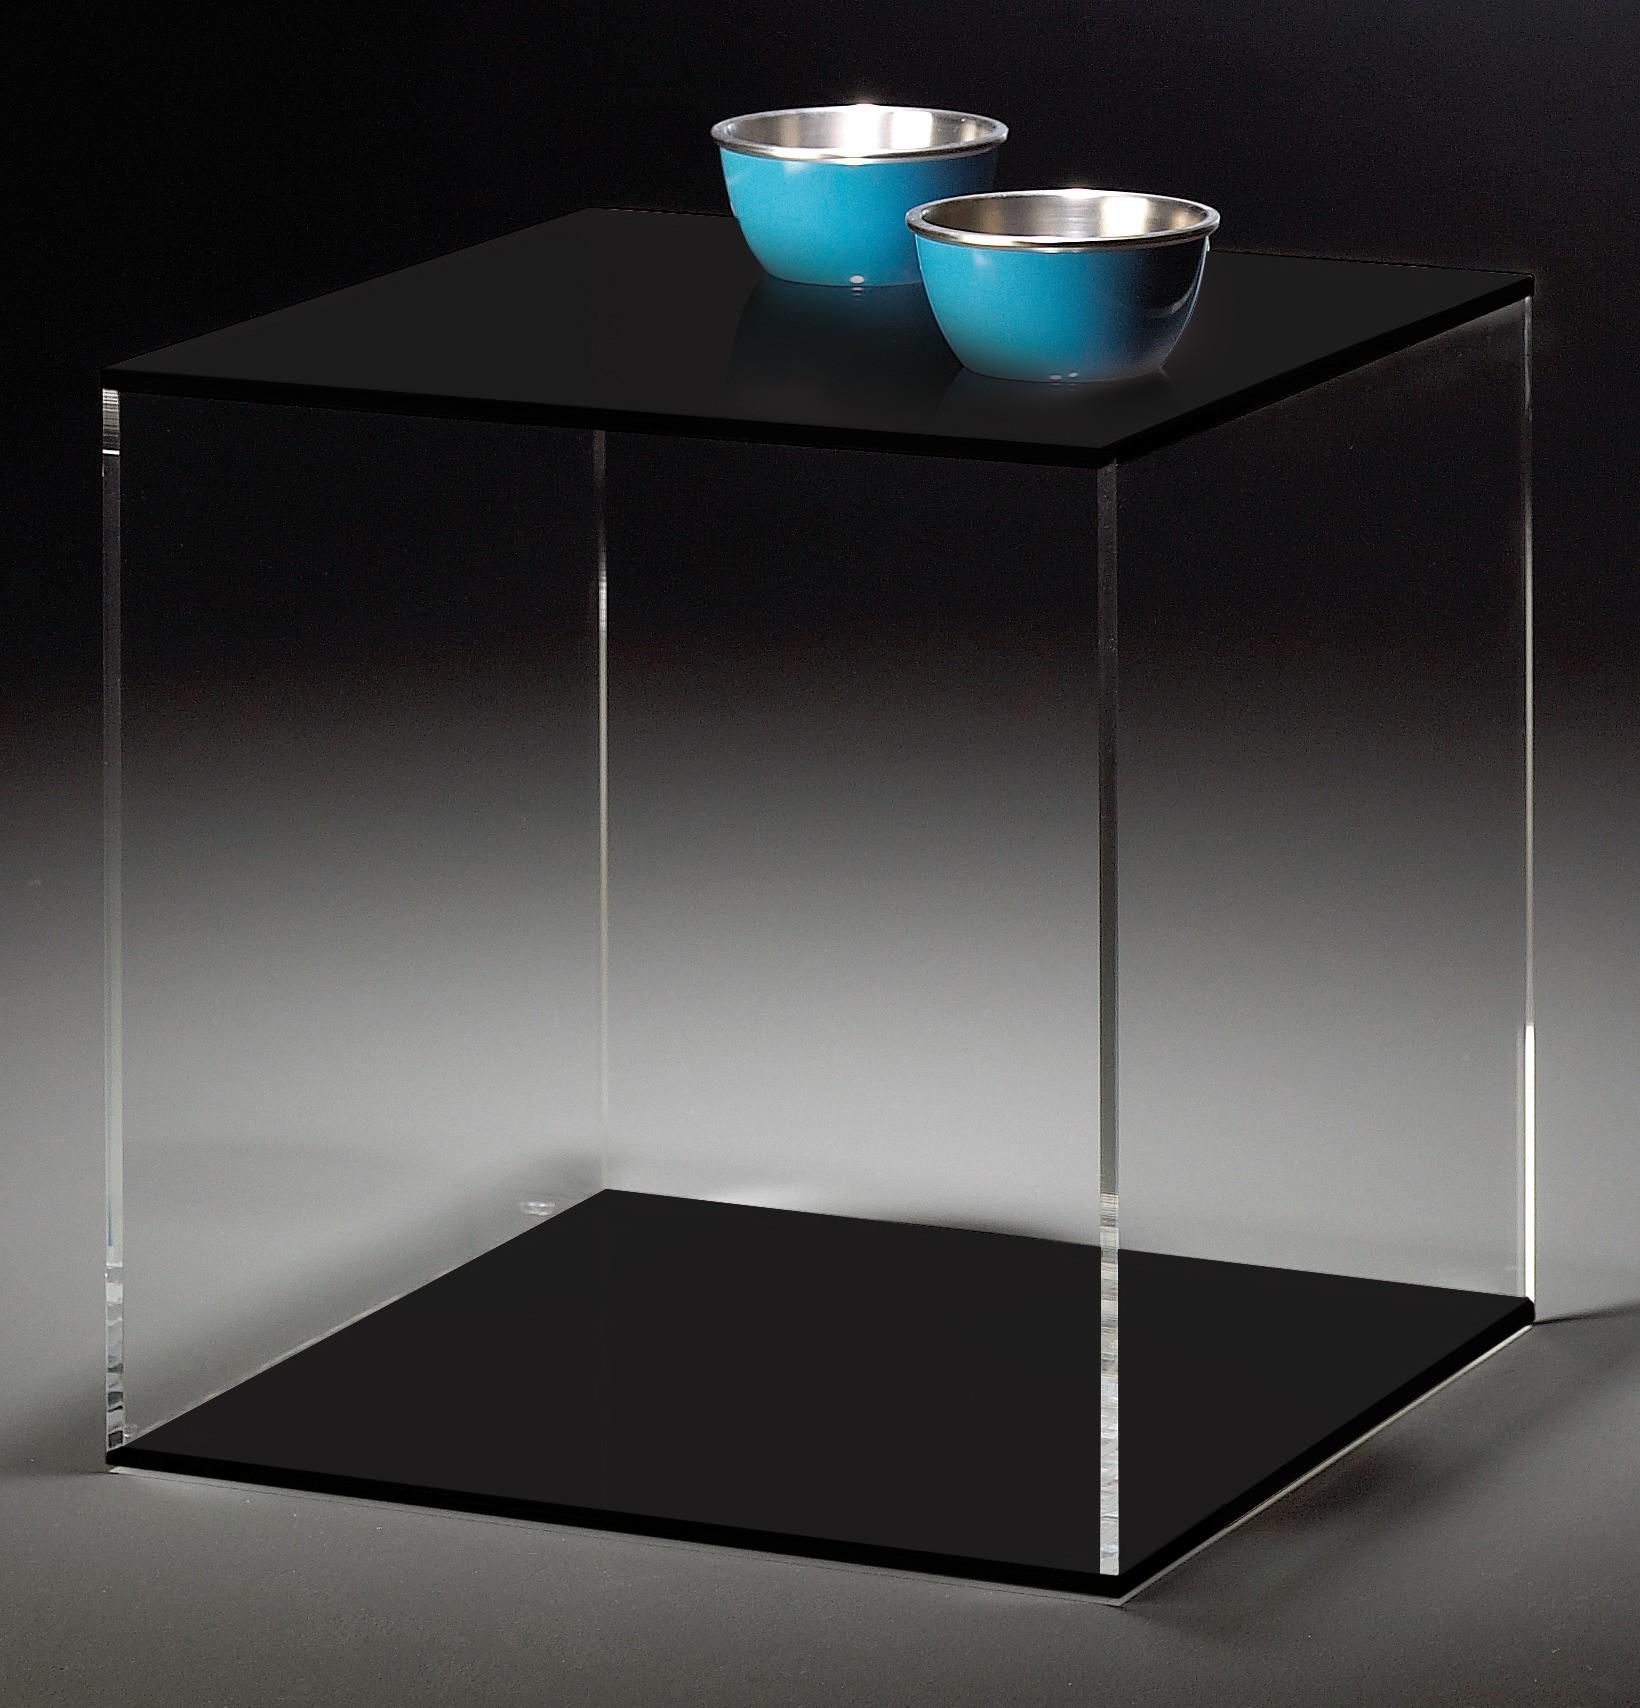 acrylw rfel las vegas 45 cm acrylglas schwarz wohnen beistelltische. Black Bedroom Furniture Sets. Home Design Ideas